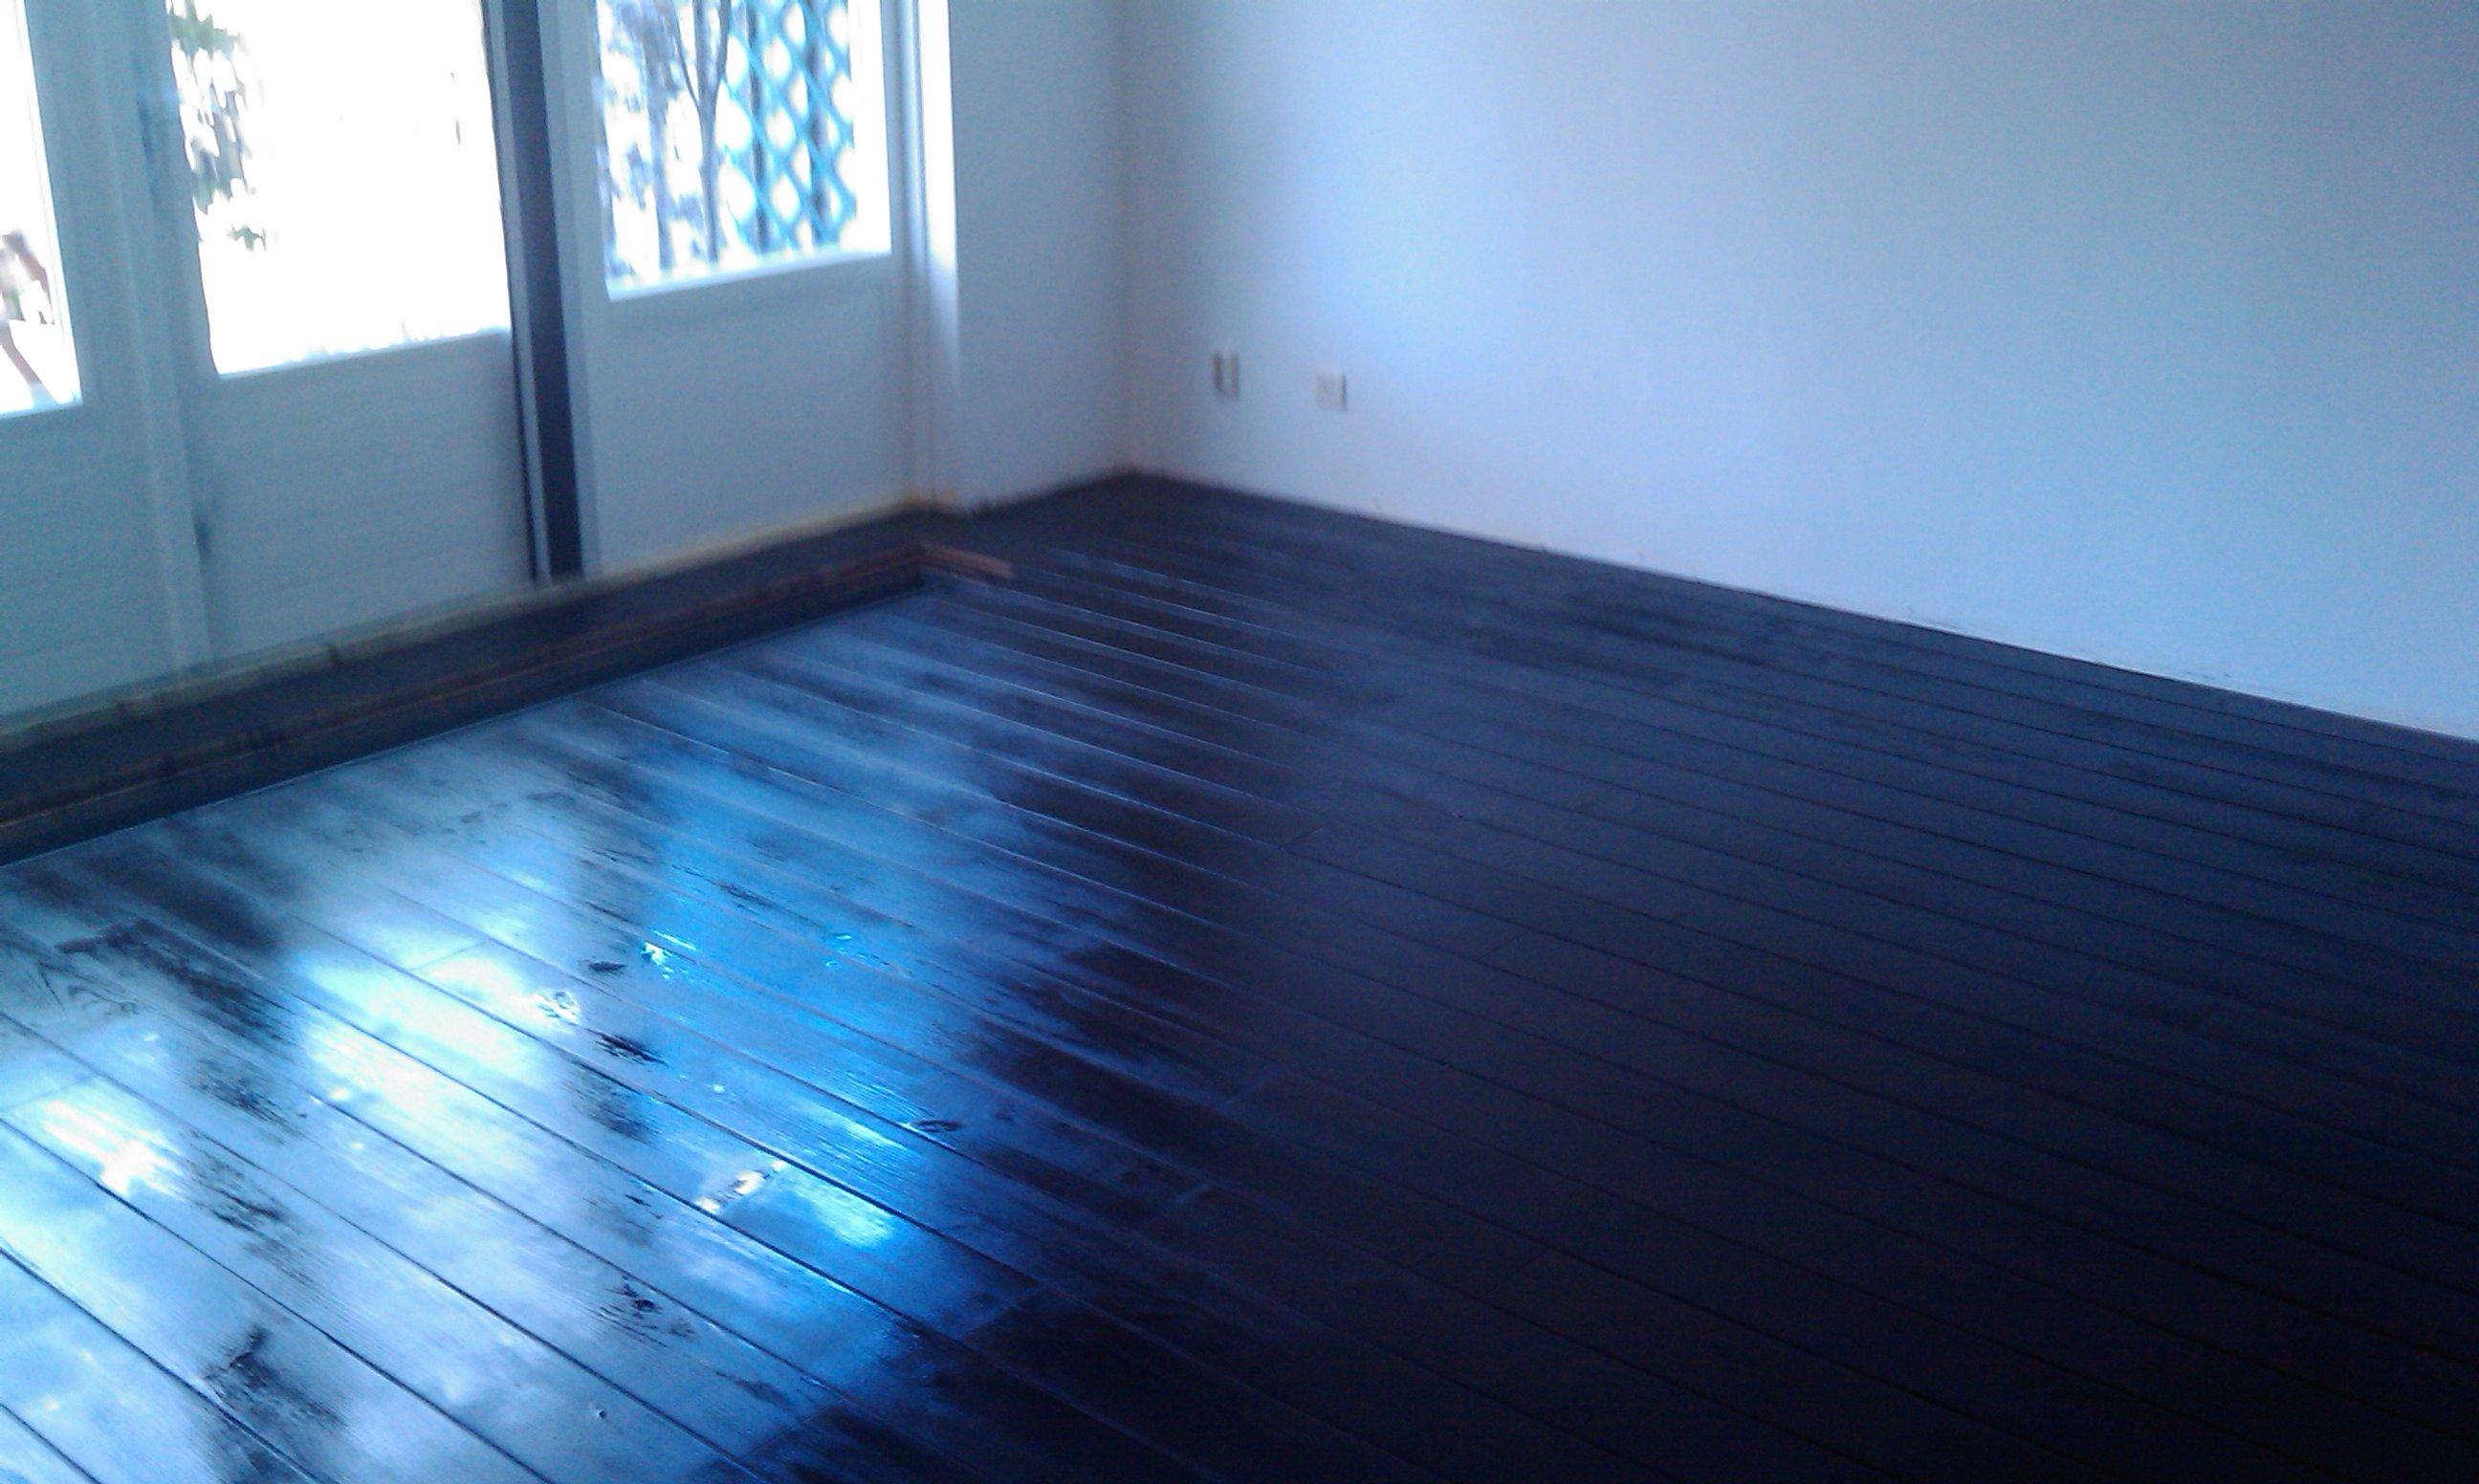 Uw houten vloer opknappen : een goed idee?